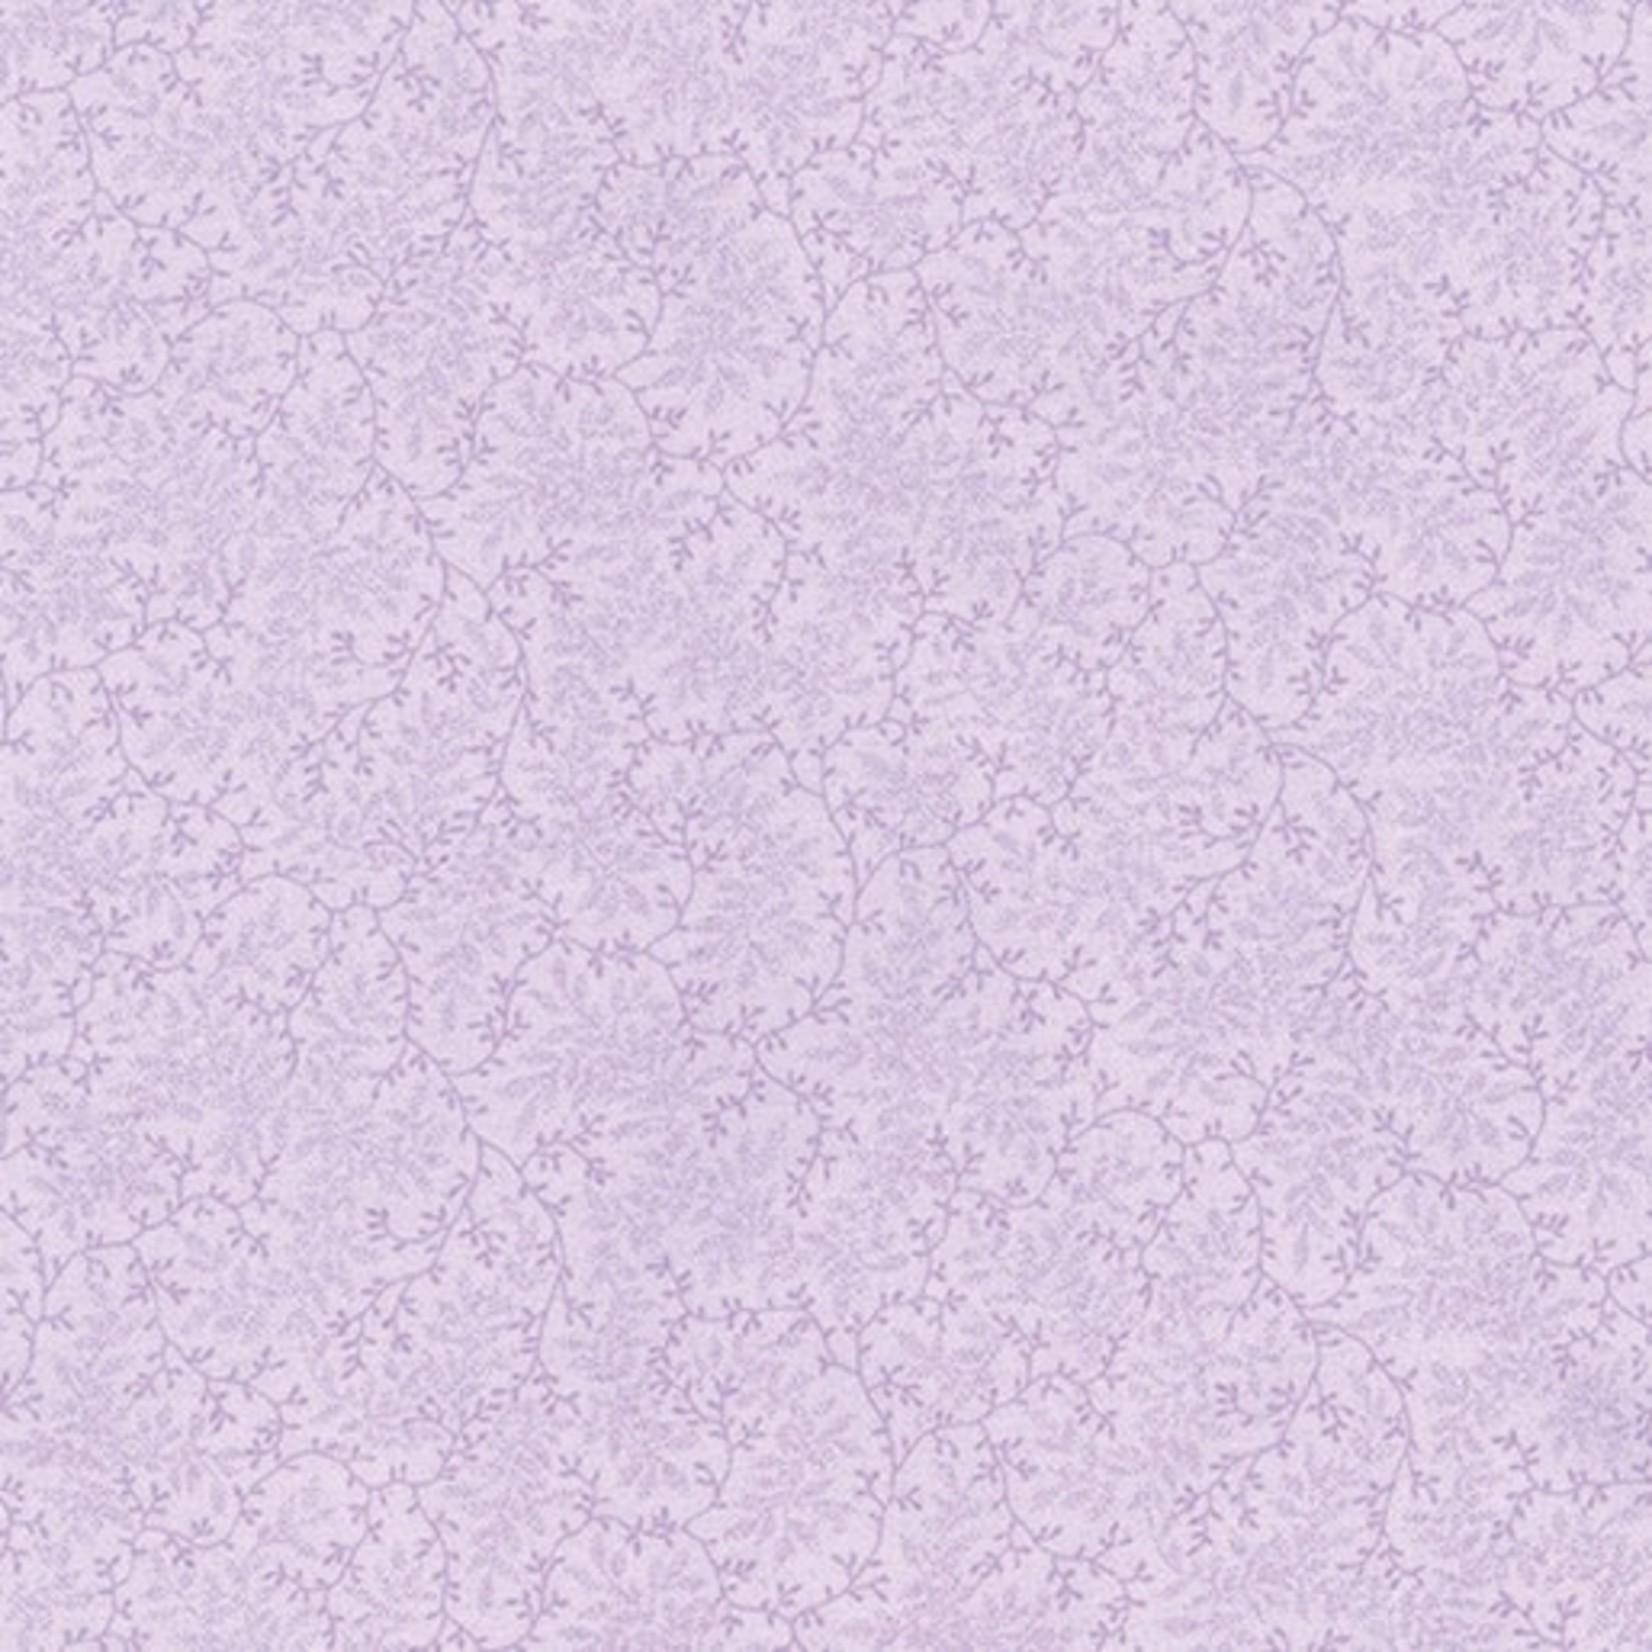 Benartex Studio Delicate Vines -  Lilac